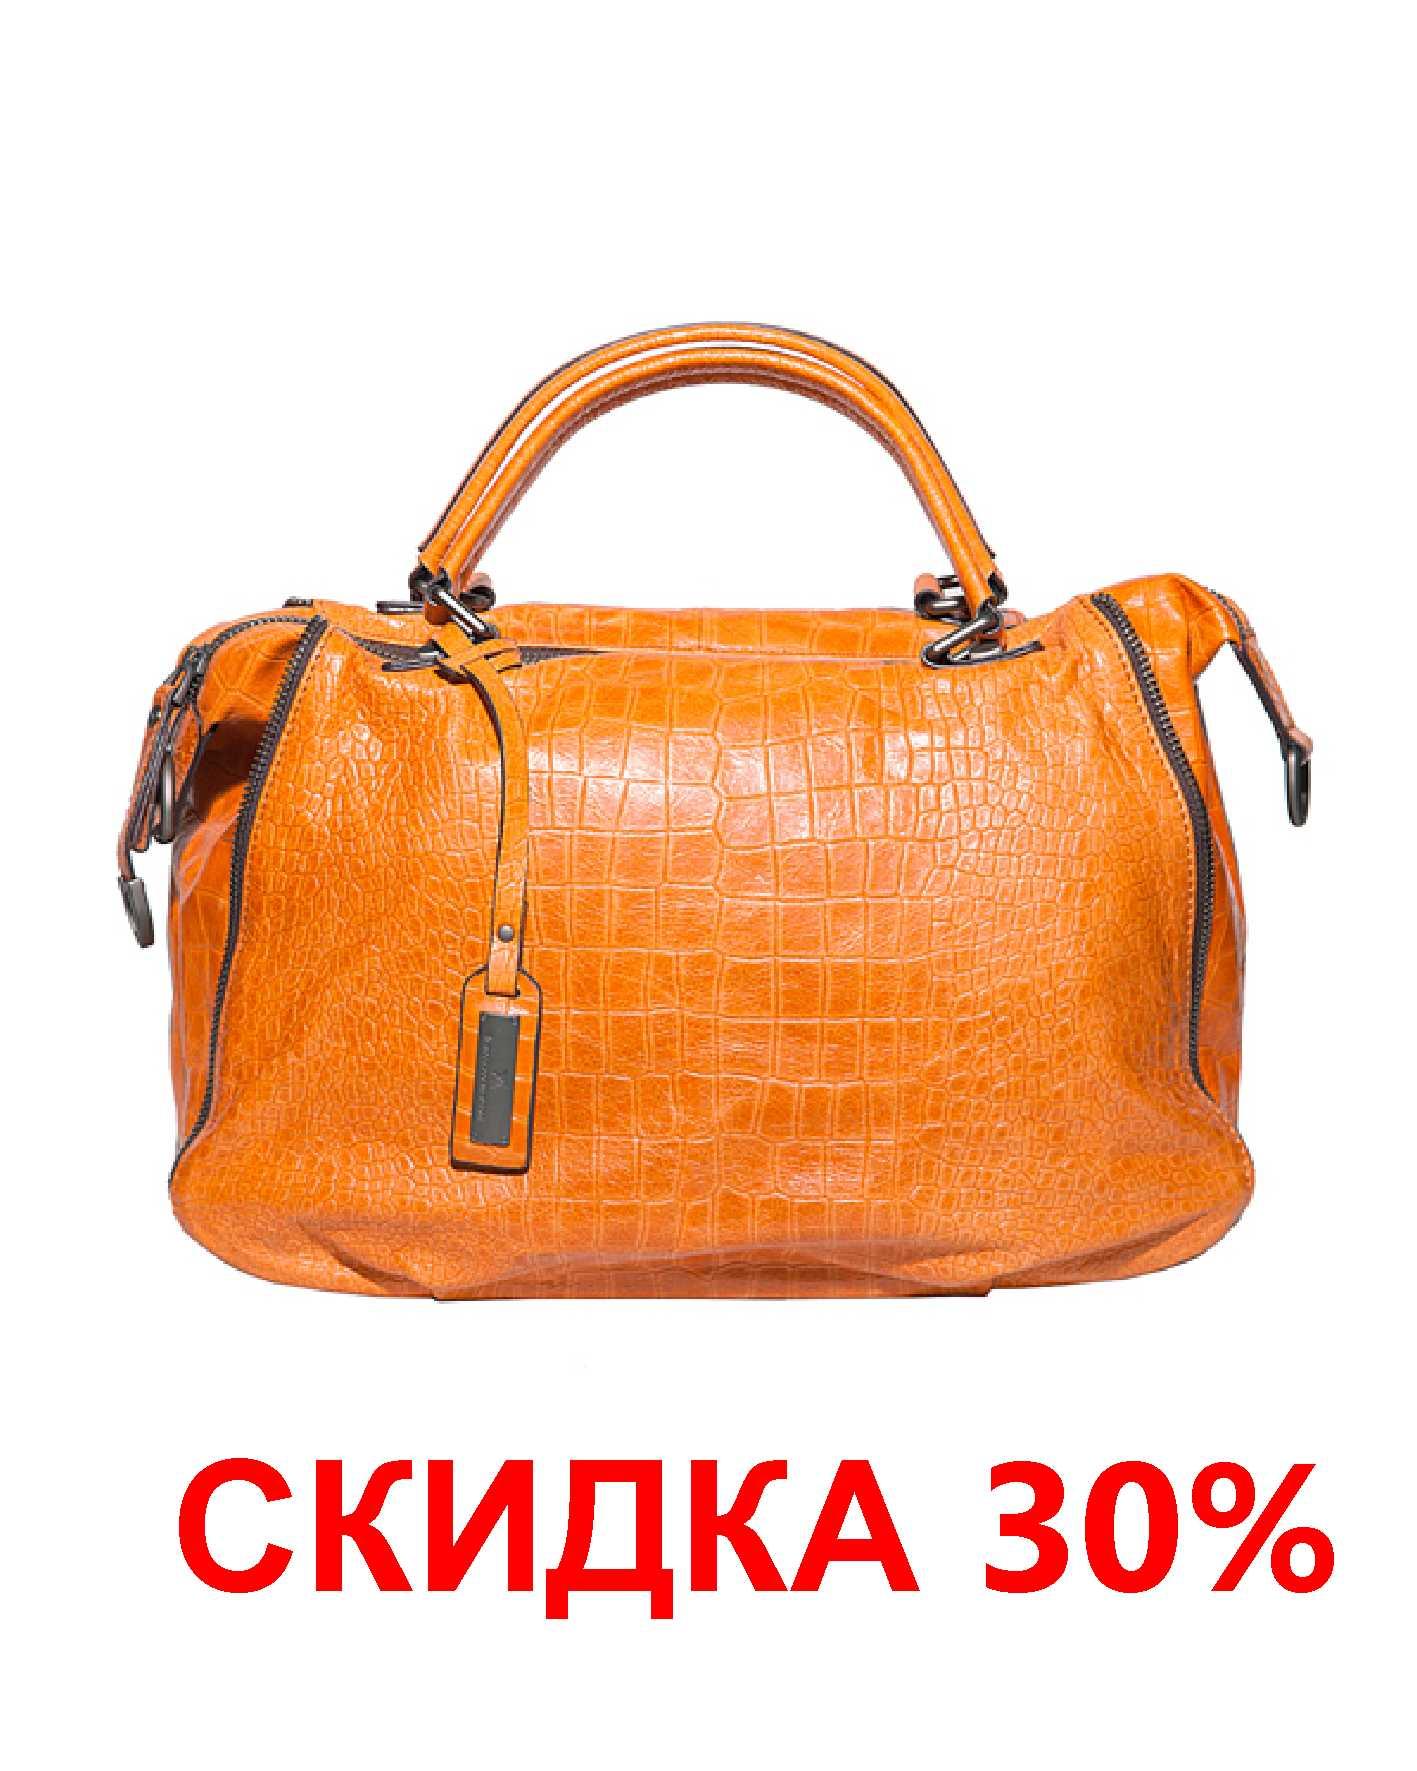 Сумки Со Скидкой Москва